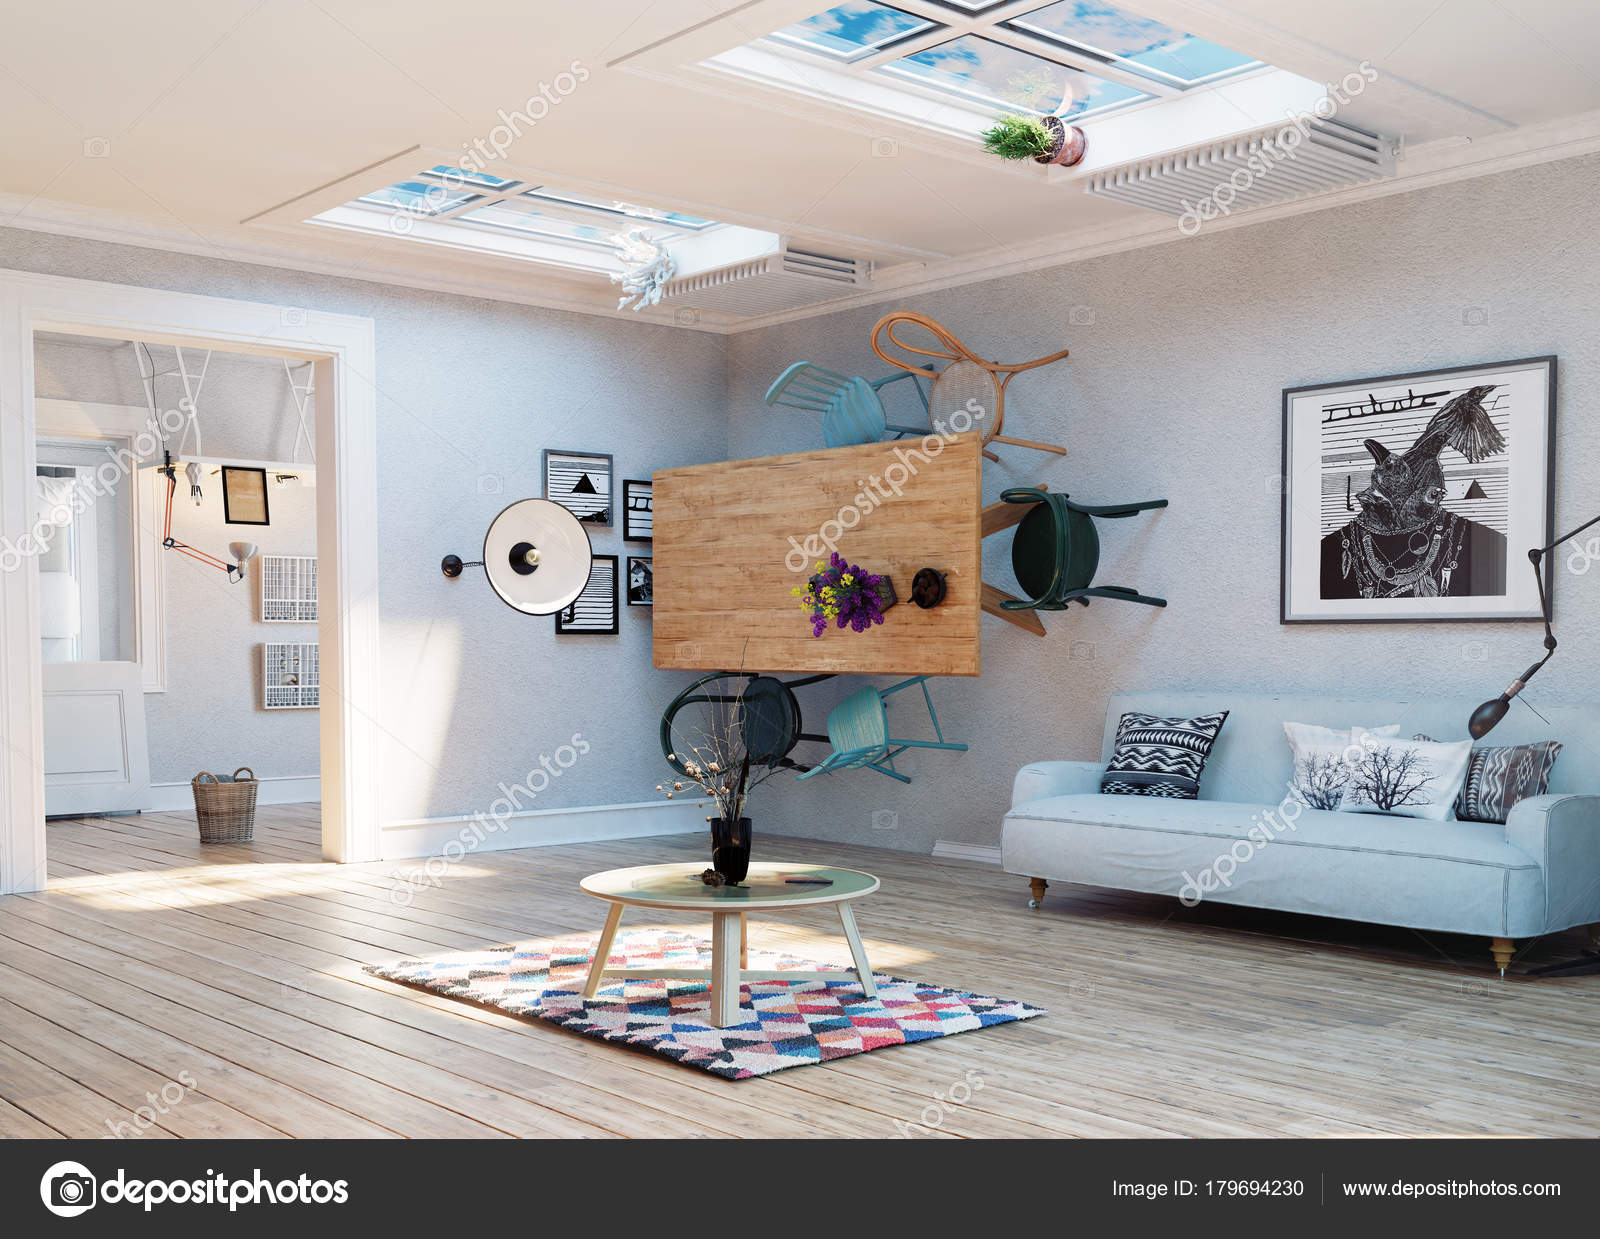 vreemd ondersteboven kamer interieur illustratie creatief concept idee stockfoto